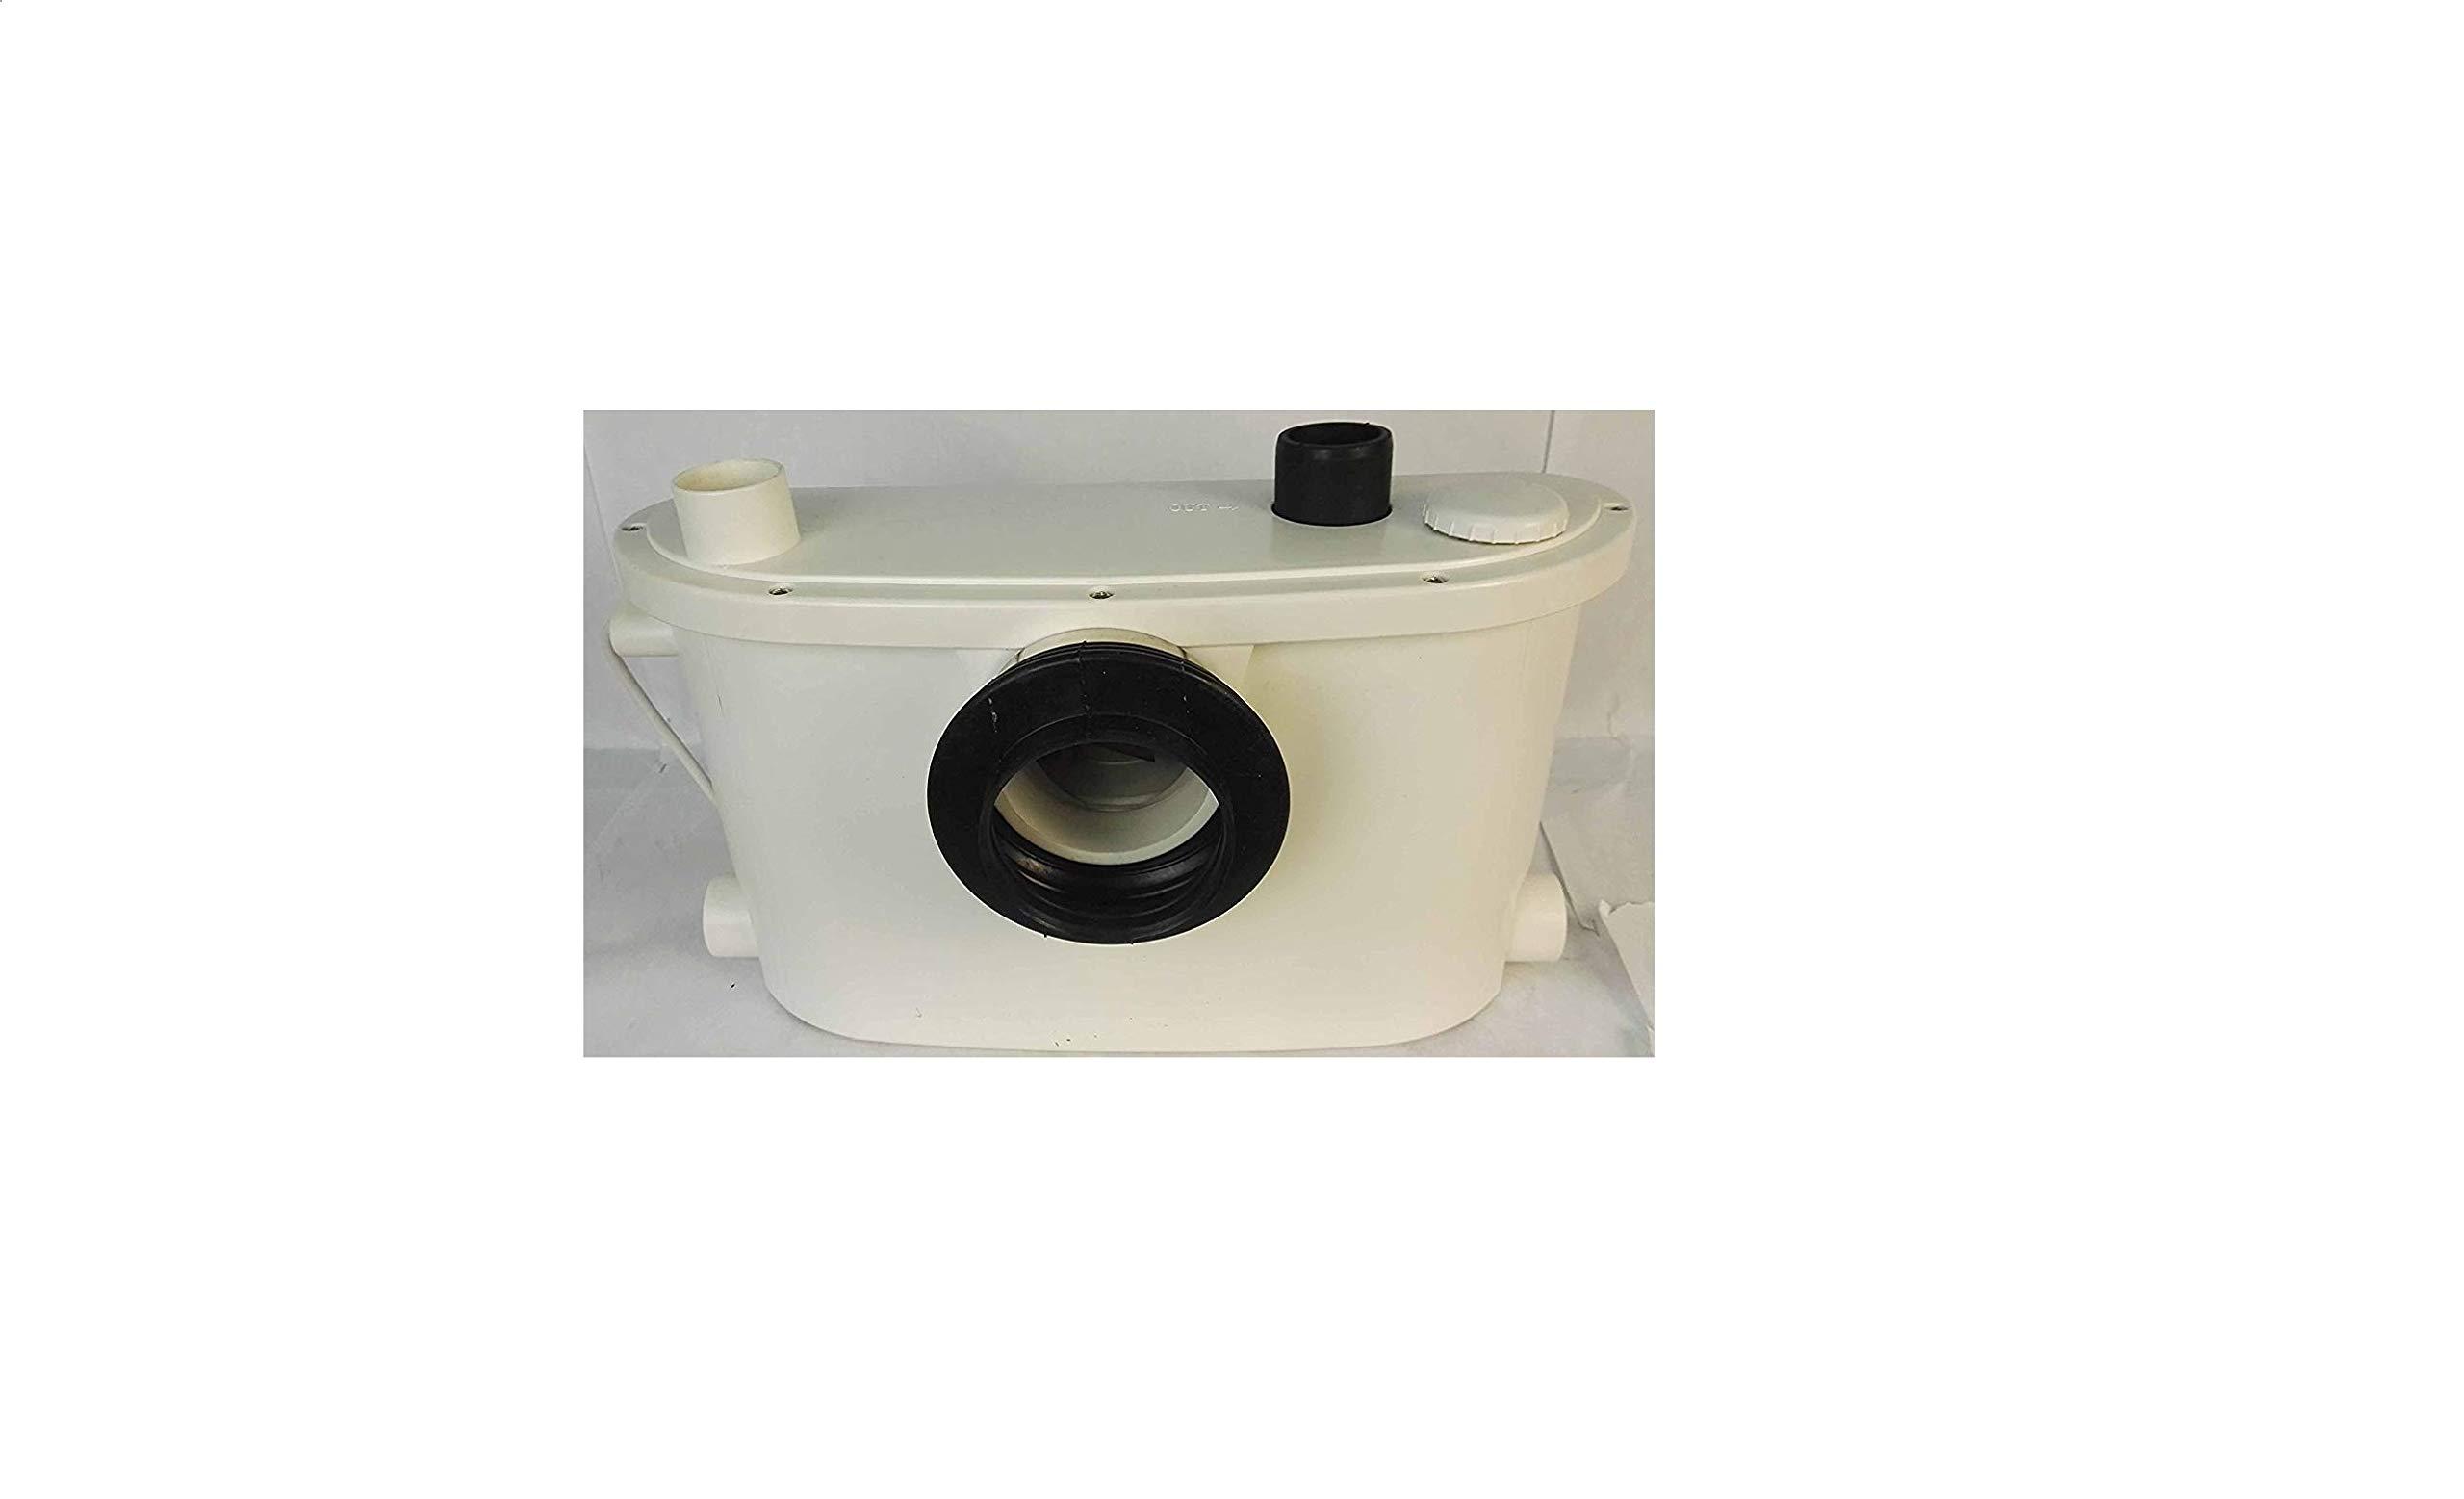 Hebeanlage-Abwasserpumpe-Pumpe-Kleinhebeanlage-Fkalien-WC-Hcksler-Zerkleinerer-Sanitr-Pumpe-Abwasser-Haushaltspumpe-400-W-Campingtoilette-Toiletten-Schmutzwasser-Pumpe-Abwasserentsorgung-Dusche-Waschb